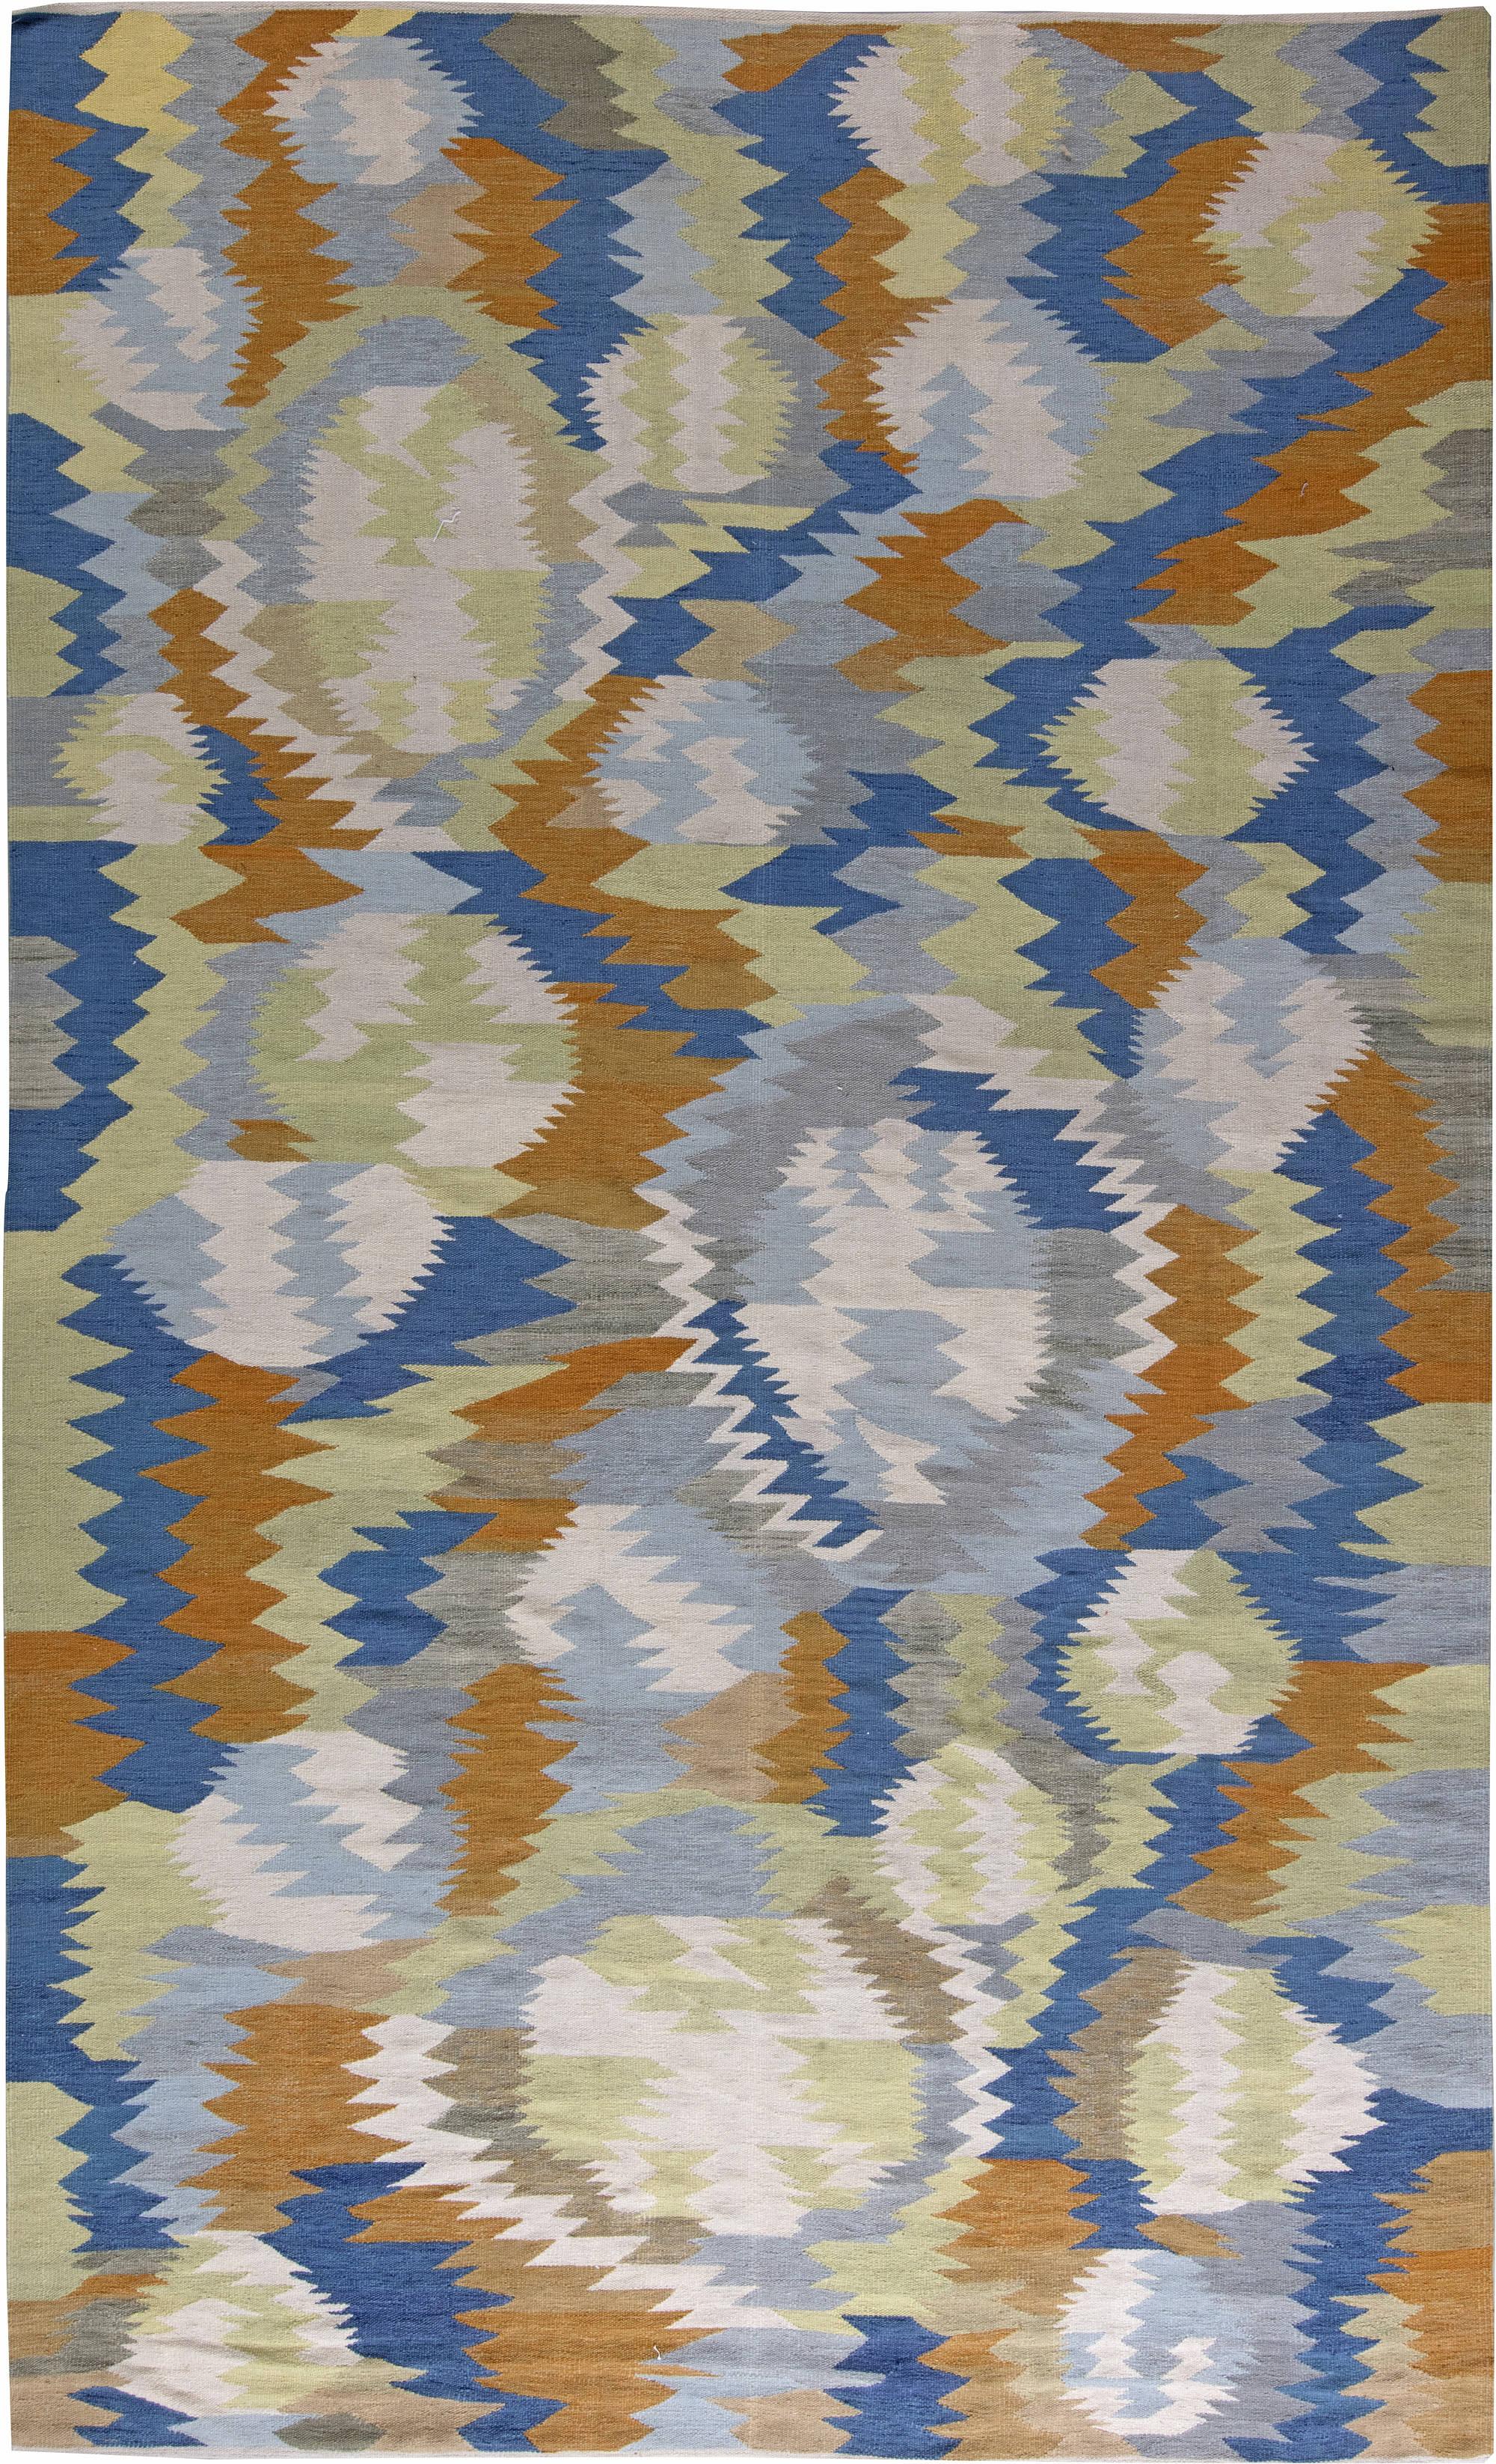 zeitgen ssische schwedische teppiche shag carpets. Black Bedroom Furniture Sets. Home Design Ideas